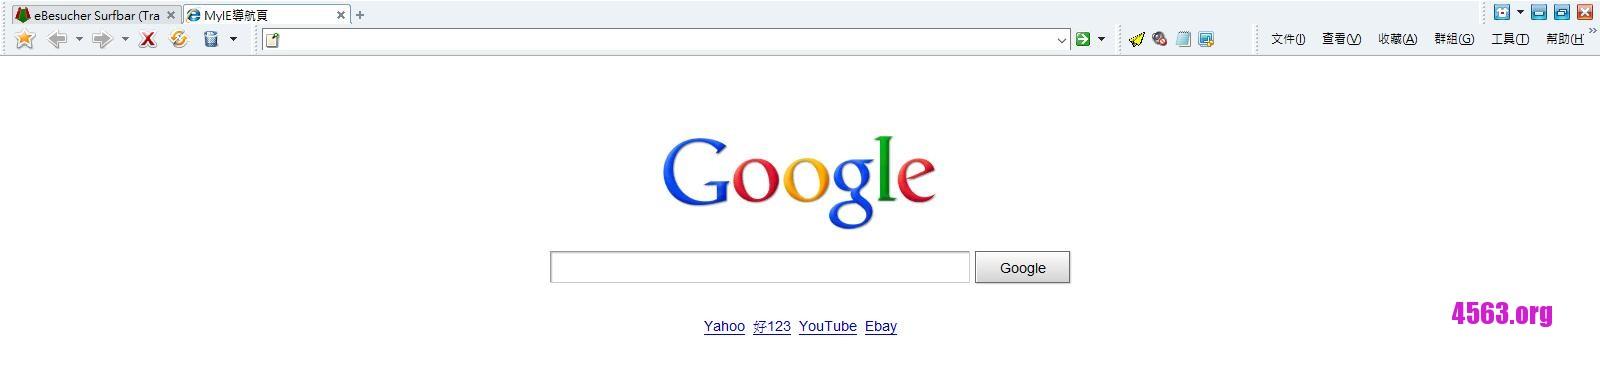 分享一個5MB輕巧瀏覽器 Myie9 綠色版下載